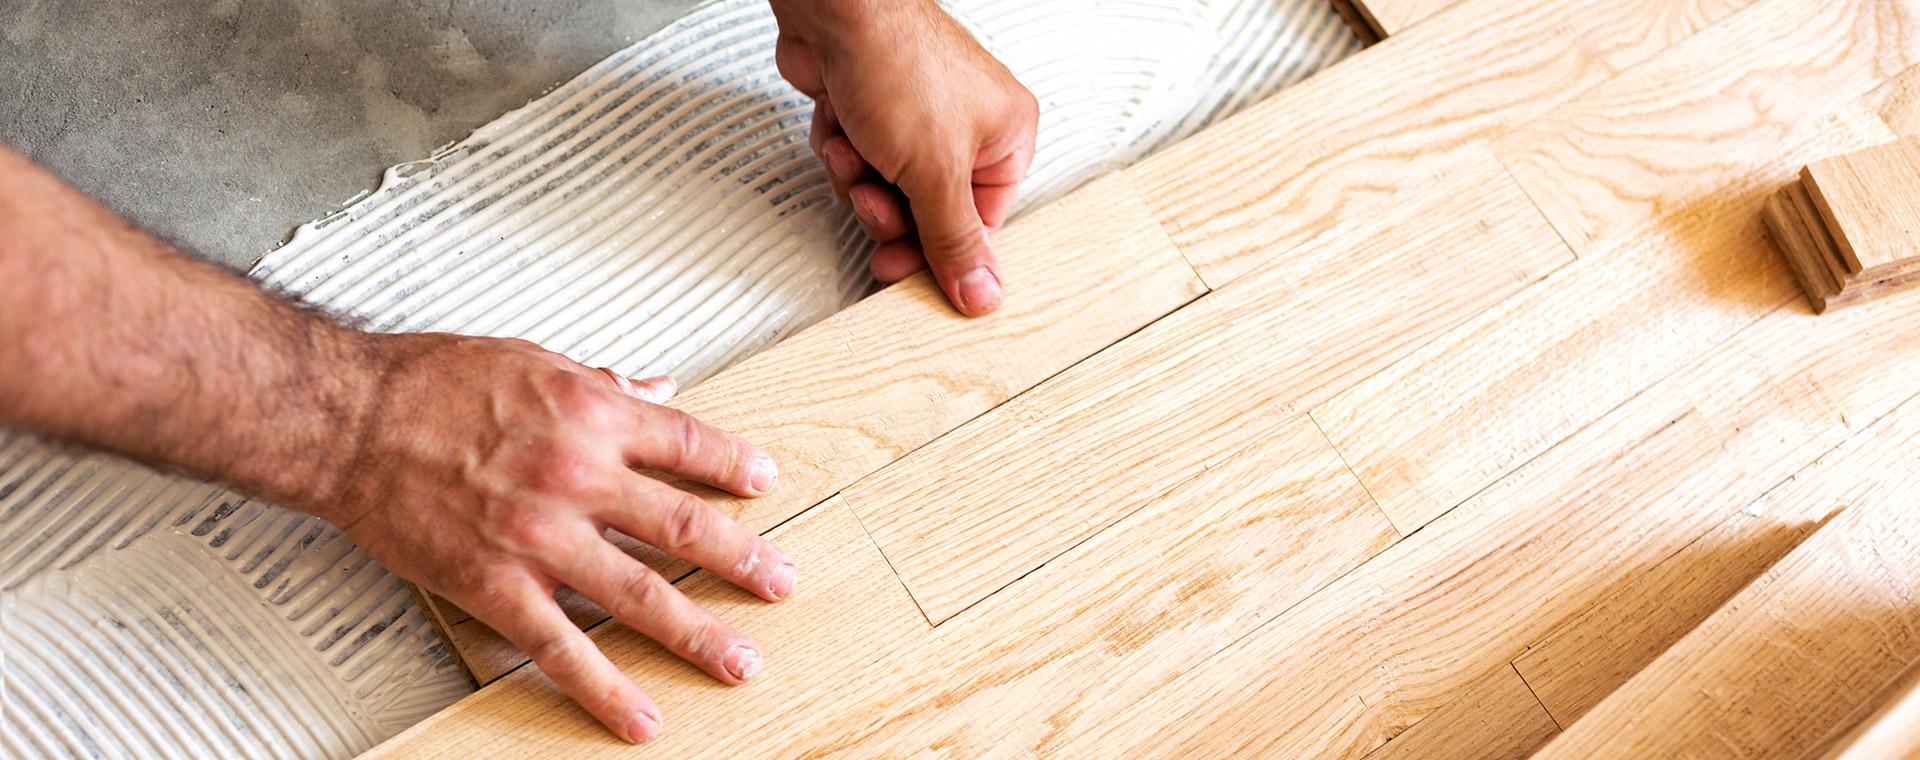 Dřevěná podlaha: Nad čím se zamyslet, než se do ní pustíte